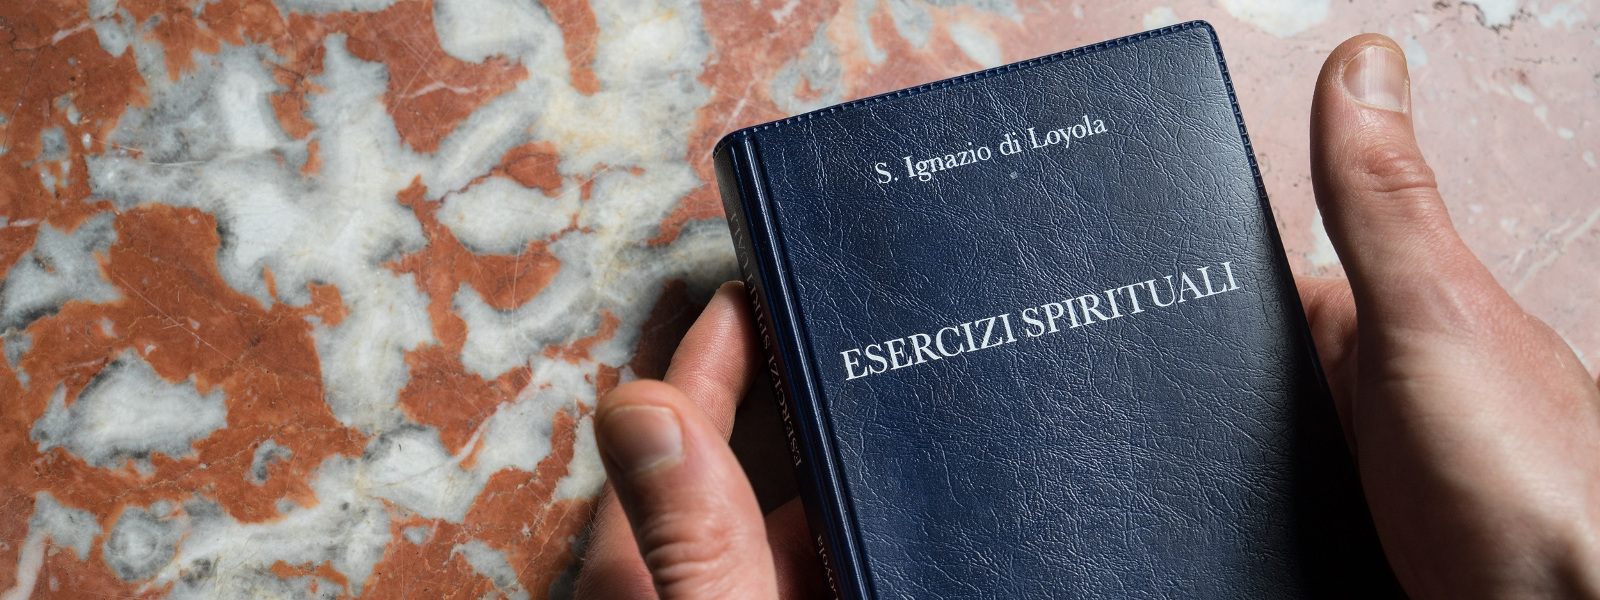 Copertina del libro degli Esercizi Spirituali di sant'Ignazio - Accompagnamento spirituale presso la parrocchia di san Saba, Roma